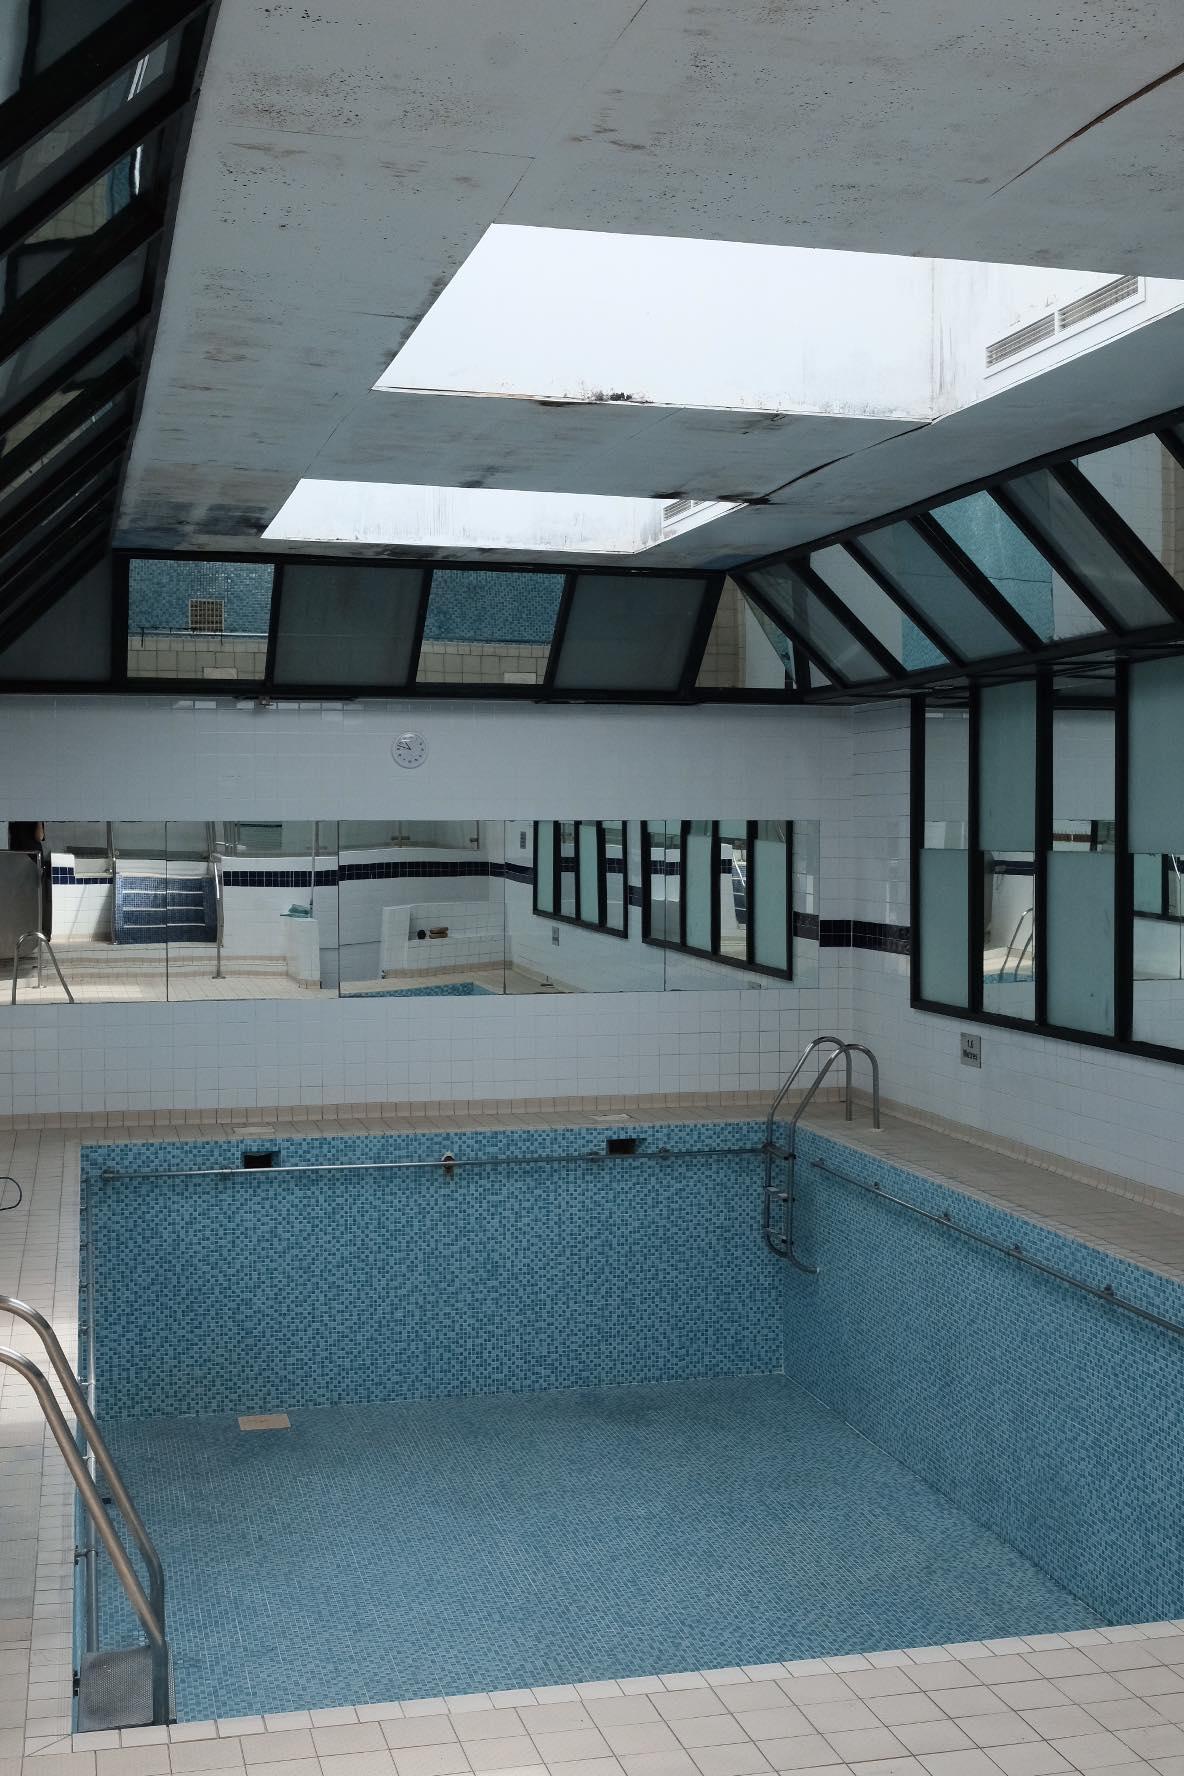 Swimming pool by Ed 2.jpg